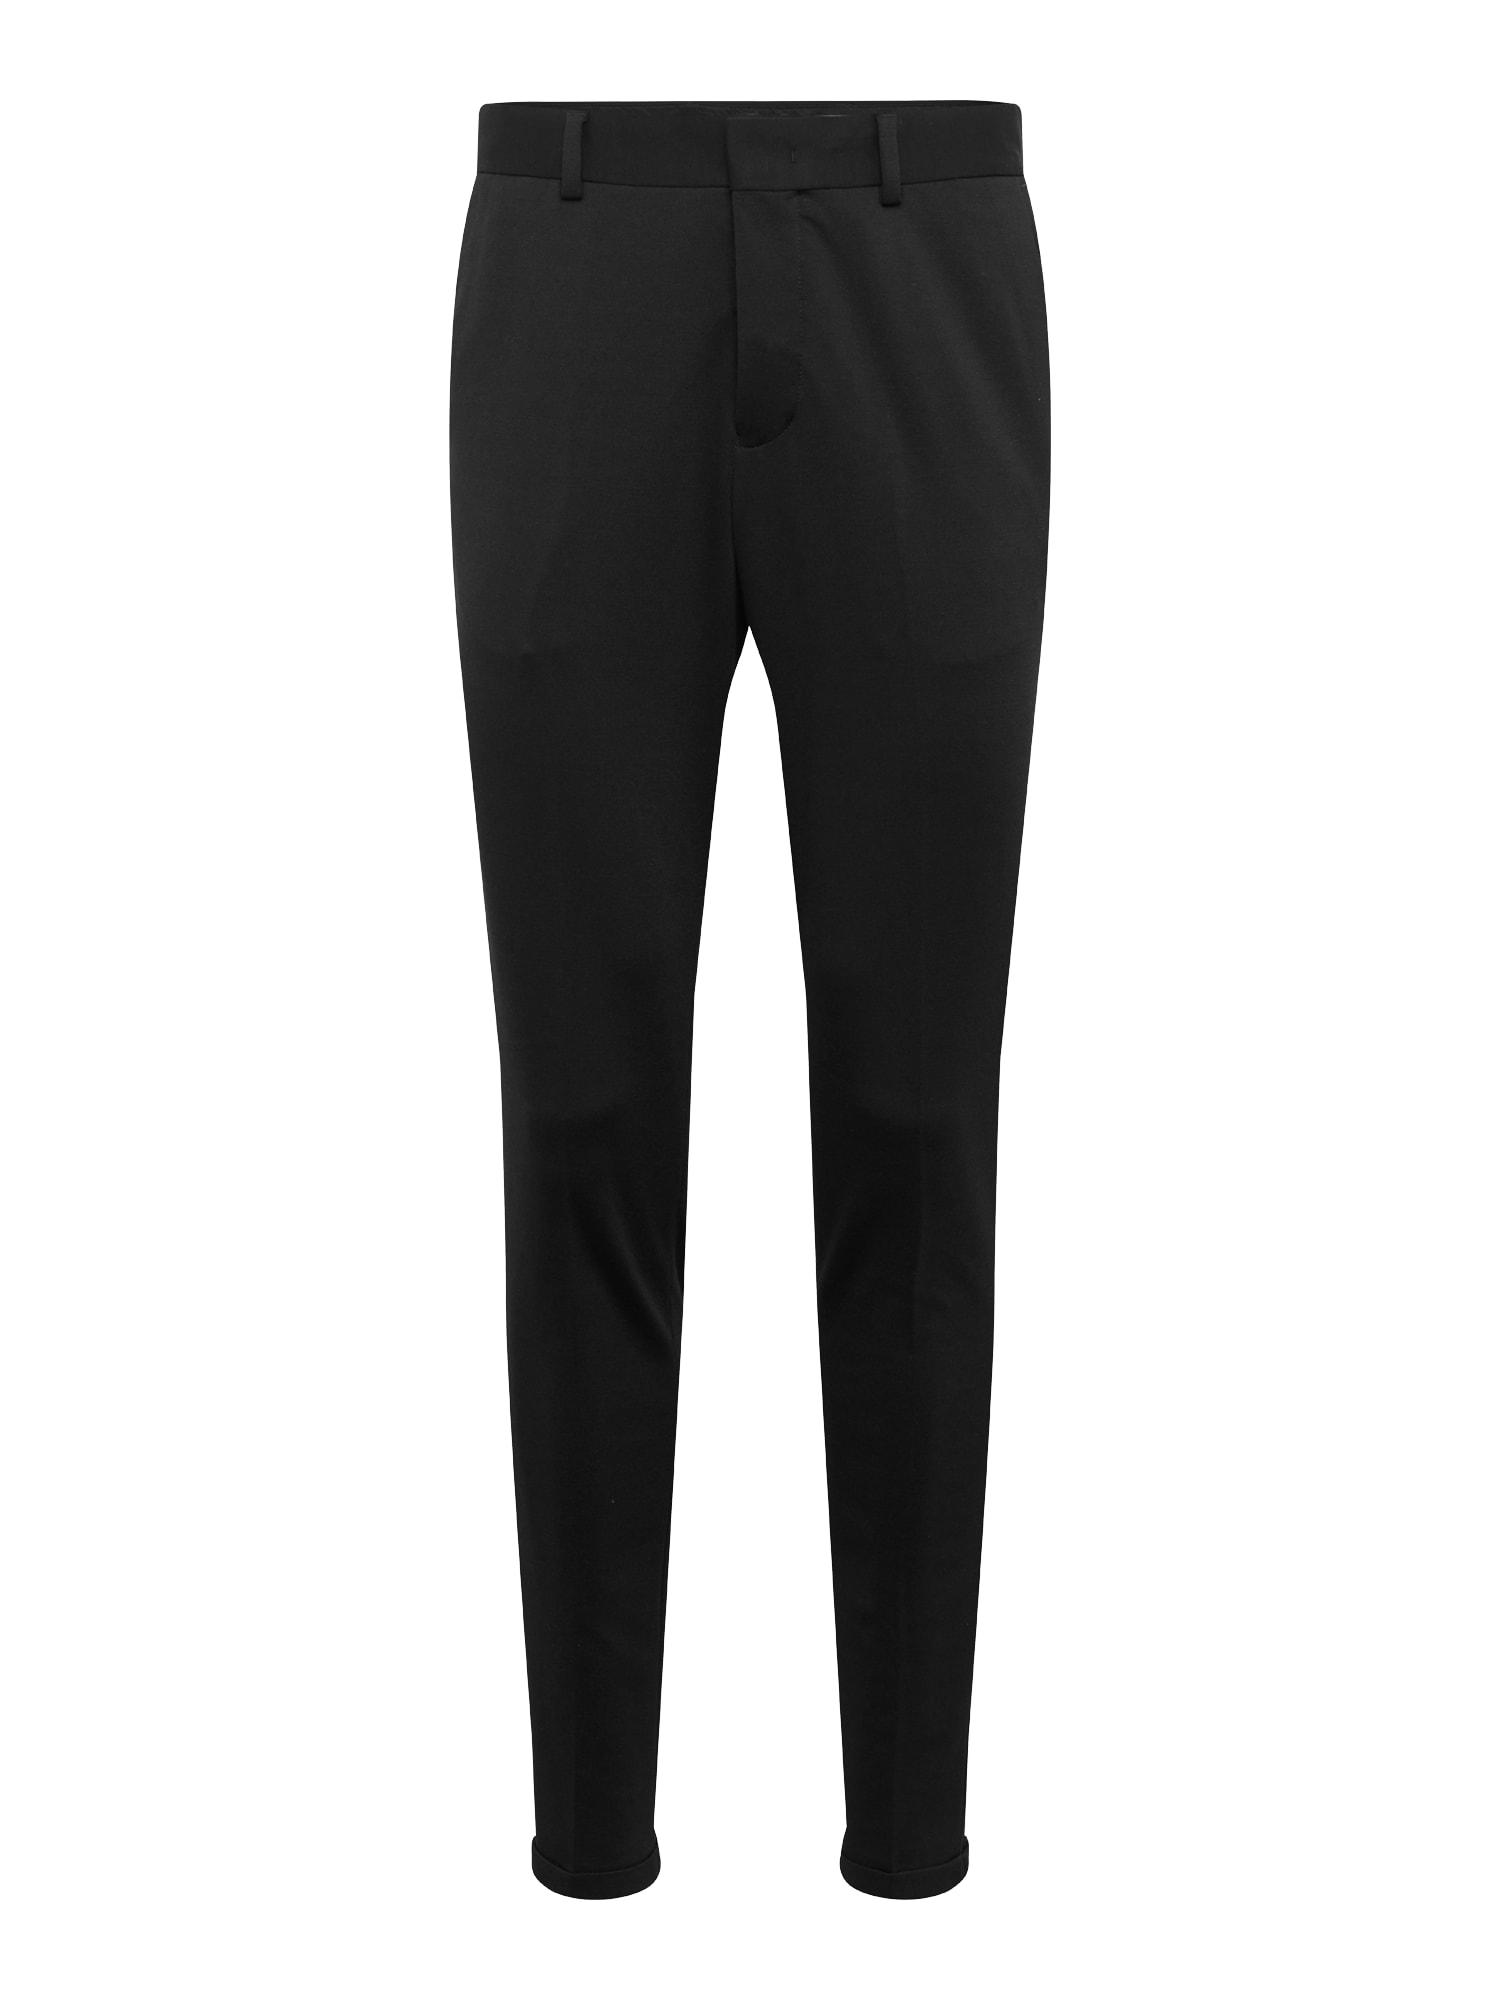 Kalhoty s puky NOOS B černá SELECTED HOMME